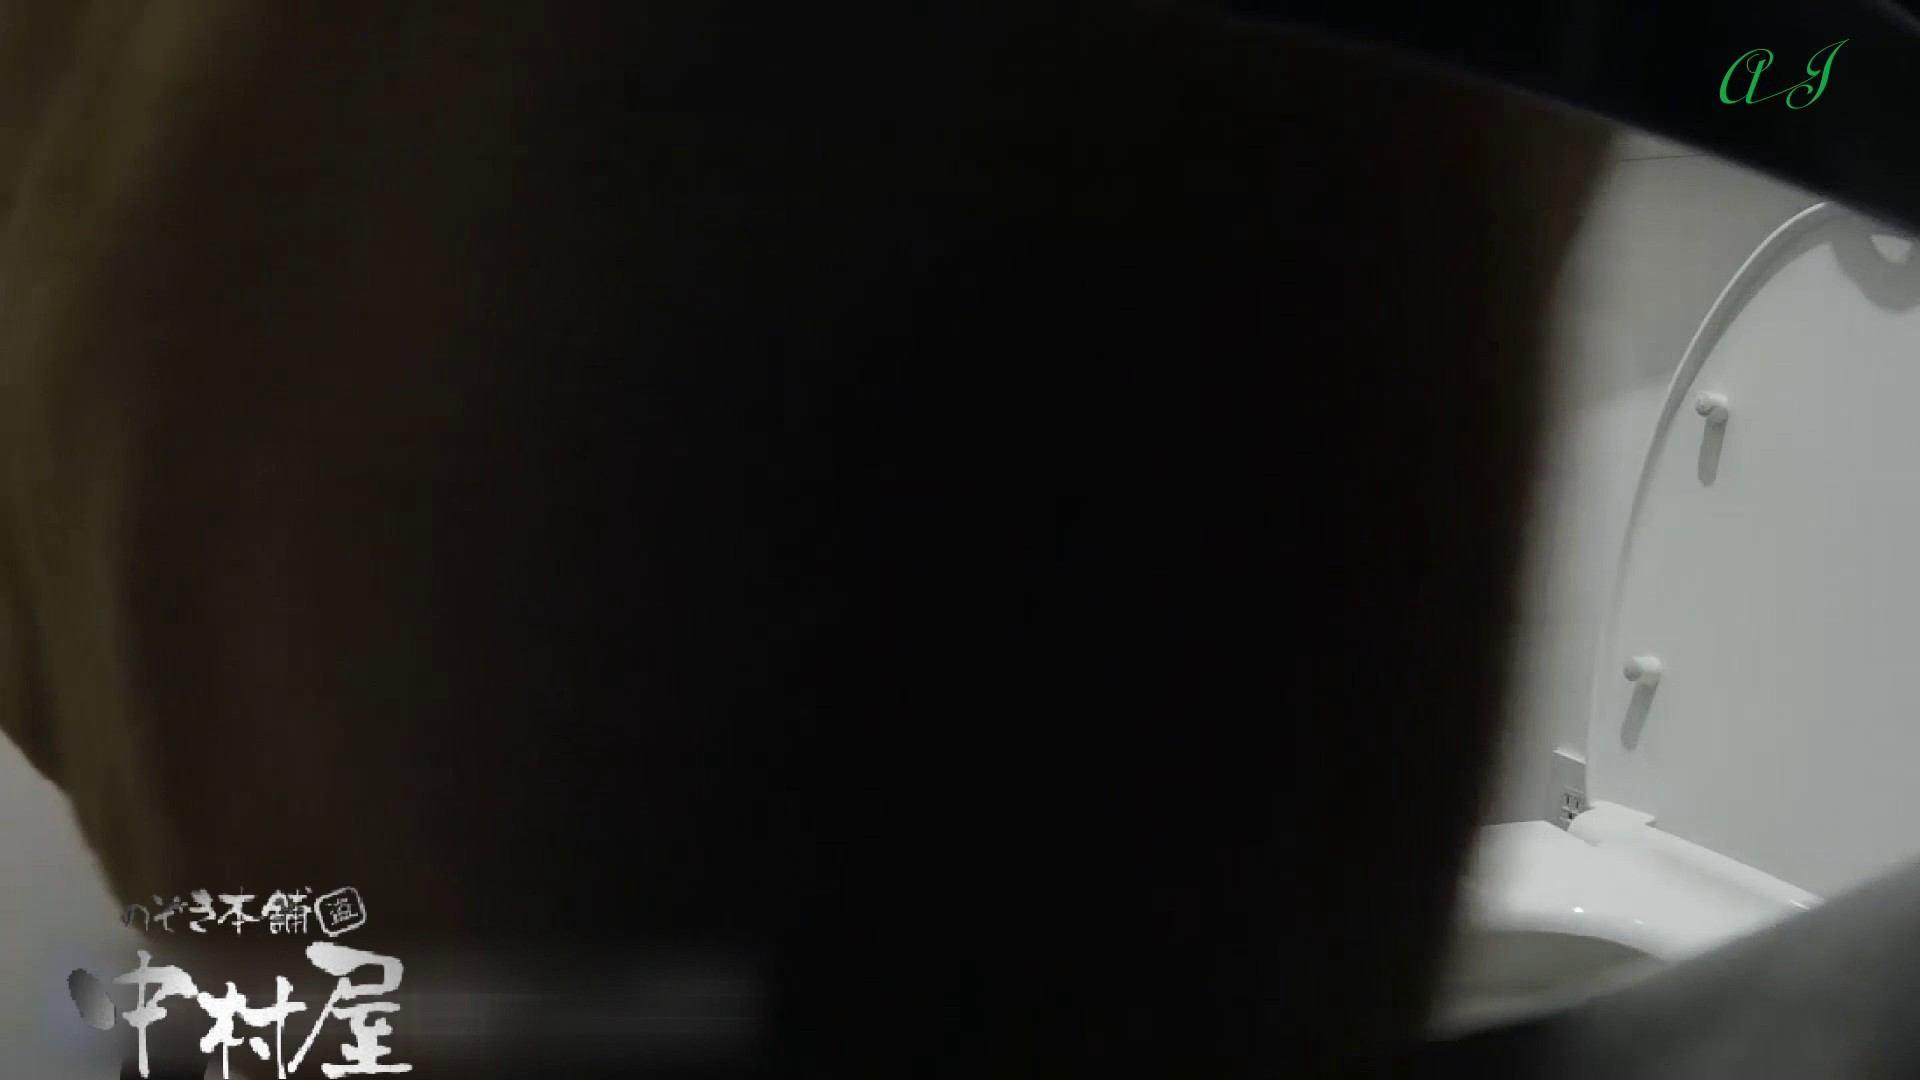 新アングル 4名の美女達 有名大学女性洗面所 vol.76後編 美女まとめ ワレメ動画紹介 98PIX 67